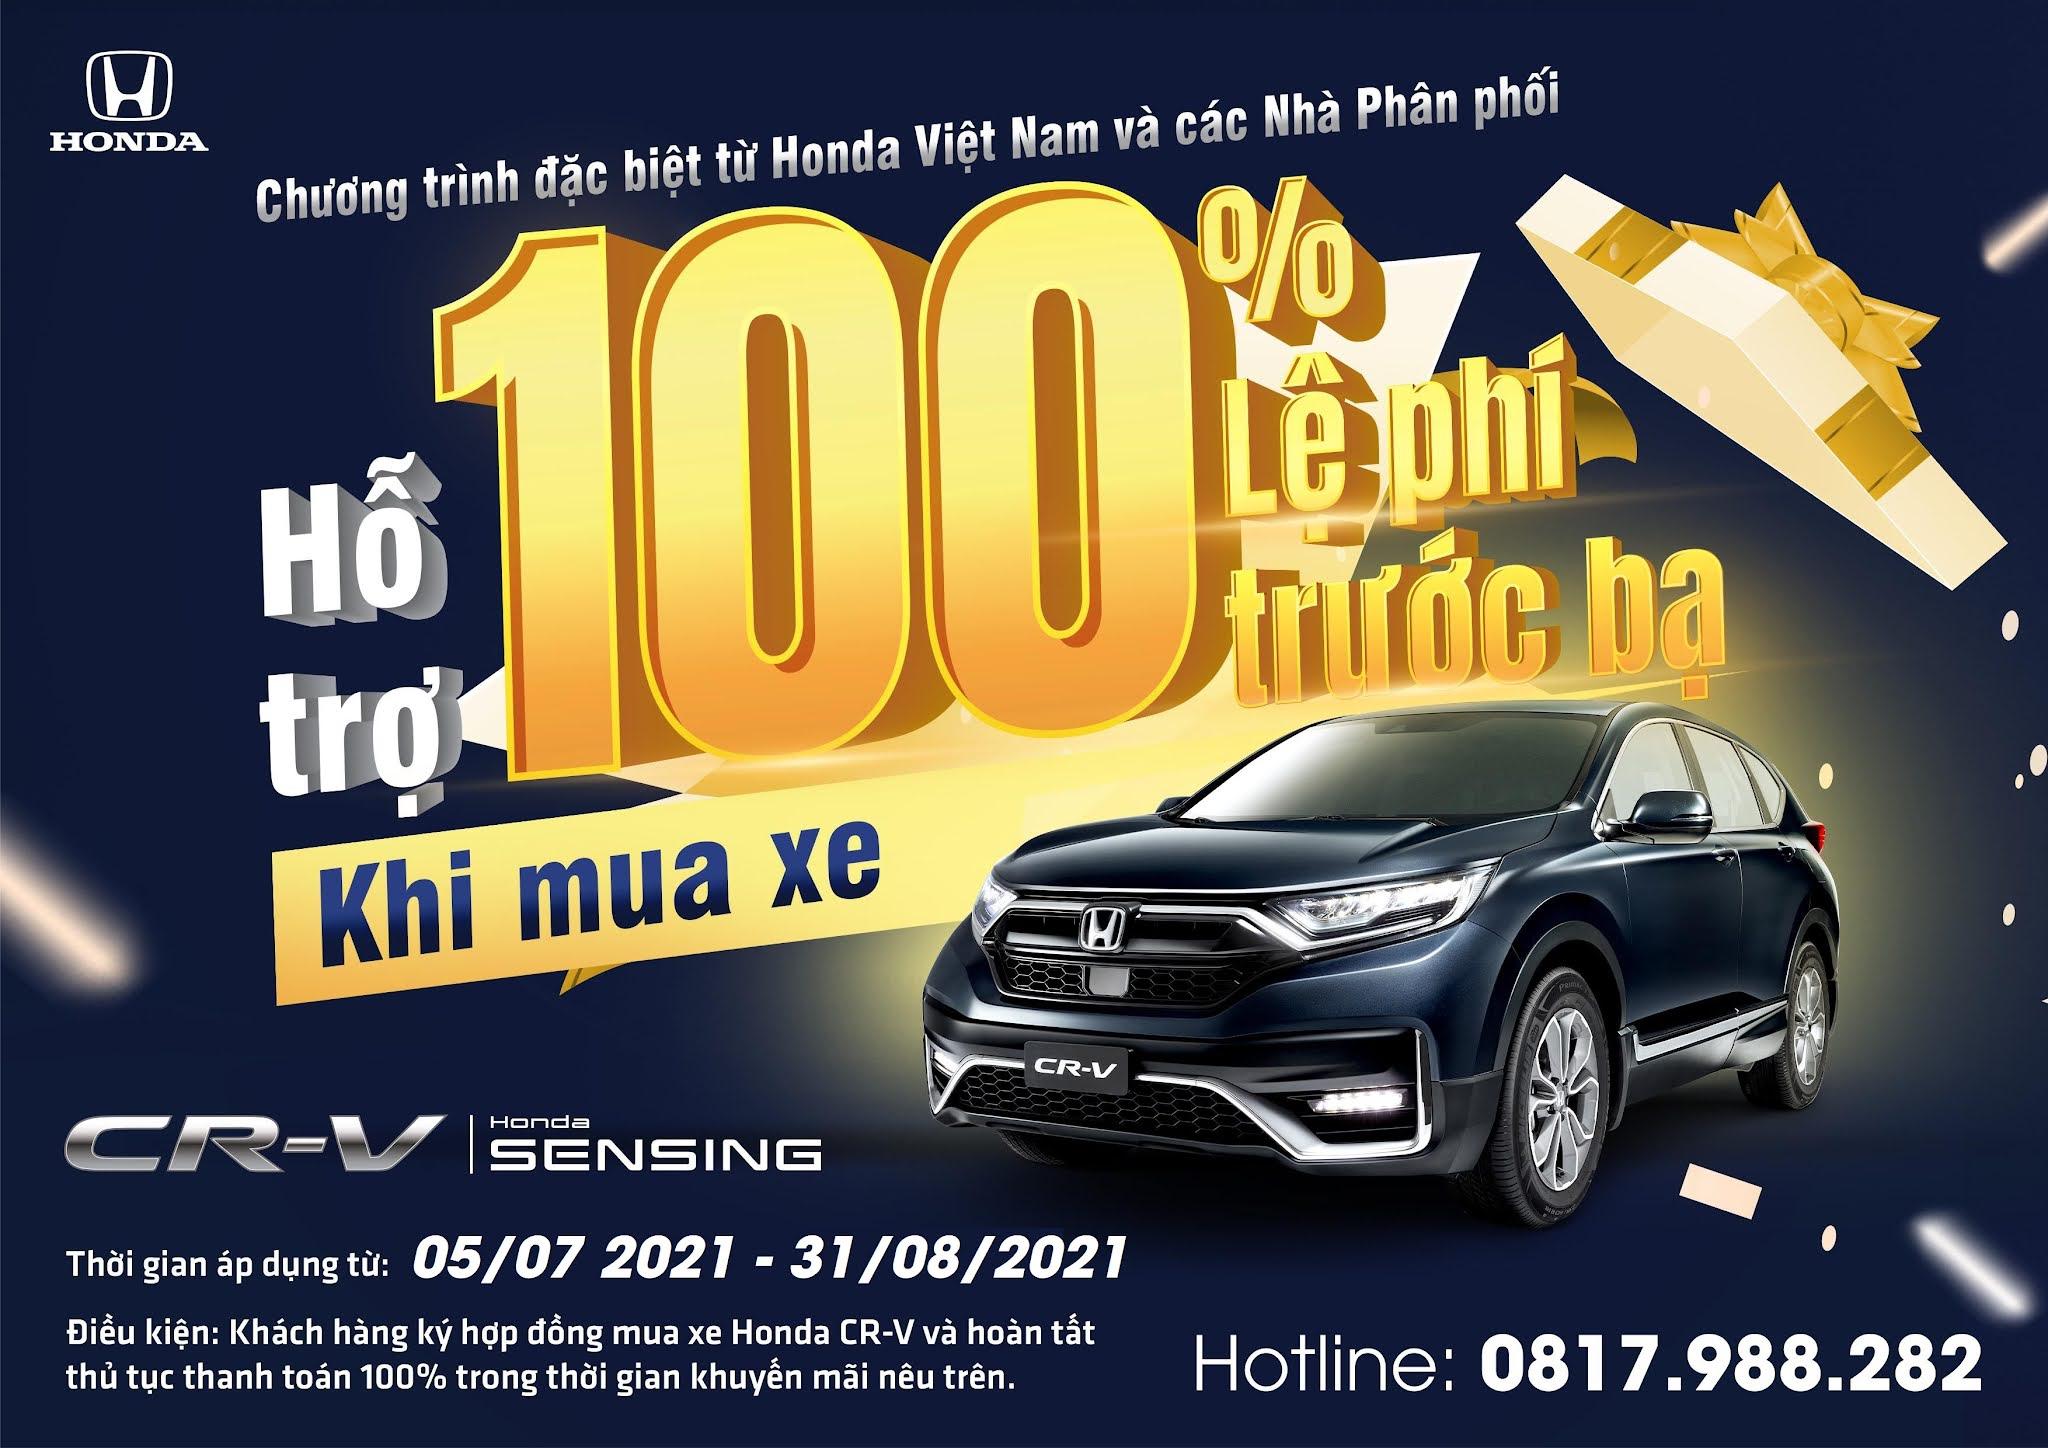 Nhận ngay ưu đãi 100% lệ phí trước bạ khi mua Honda CR-V trong tháng 8 năm 2021| Honda CRV Giảm thuế| Miễn thuế trước bạ Honda CRV 2021